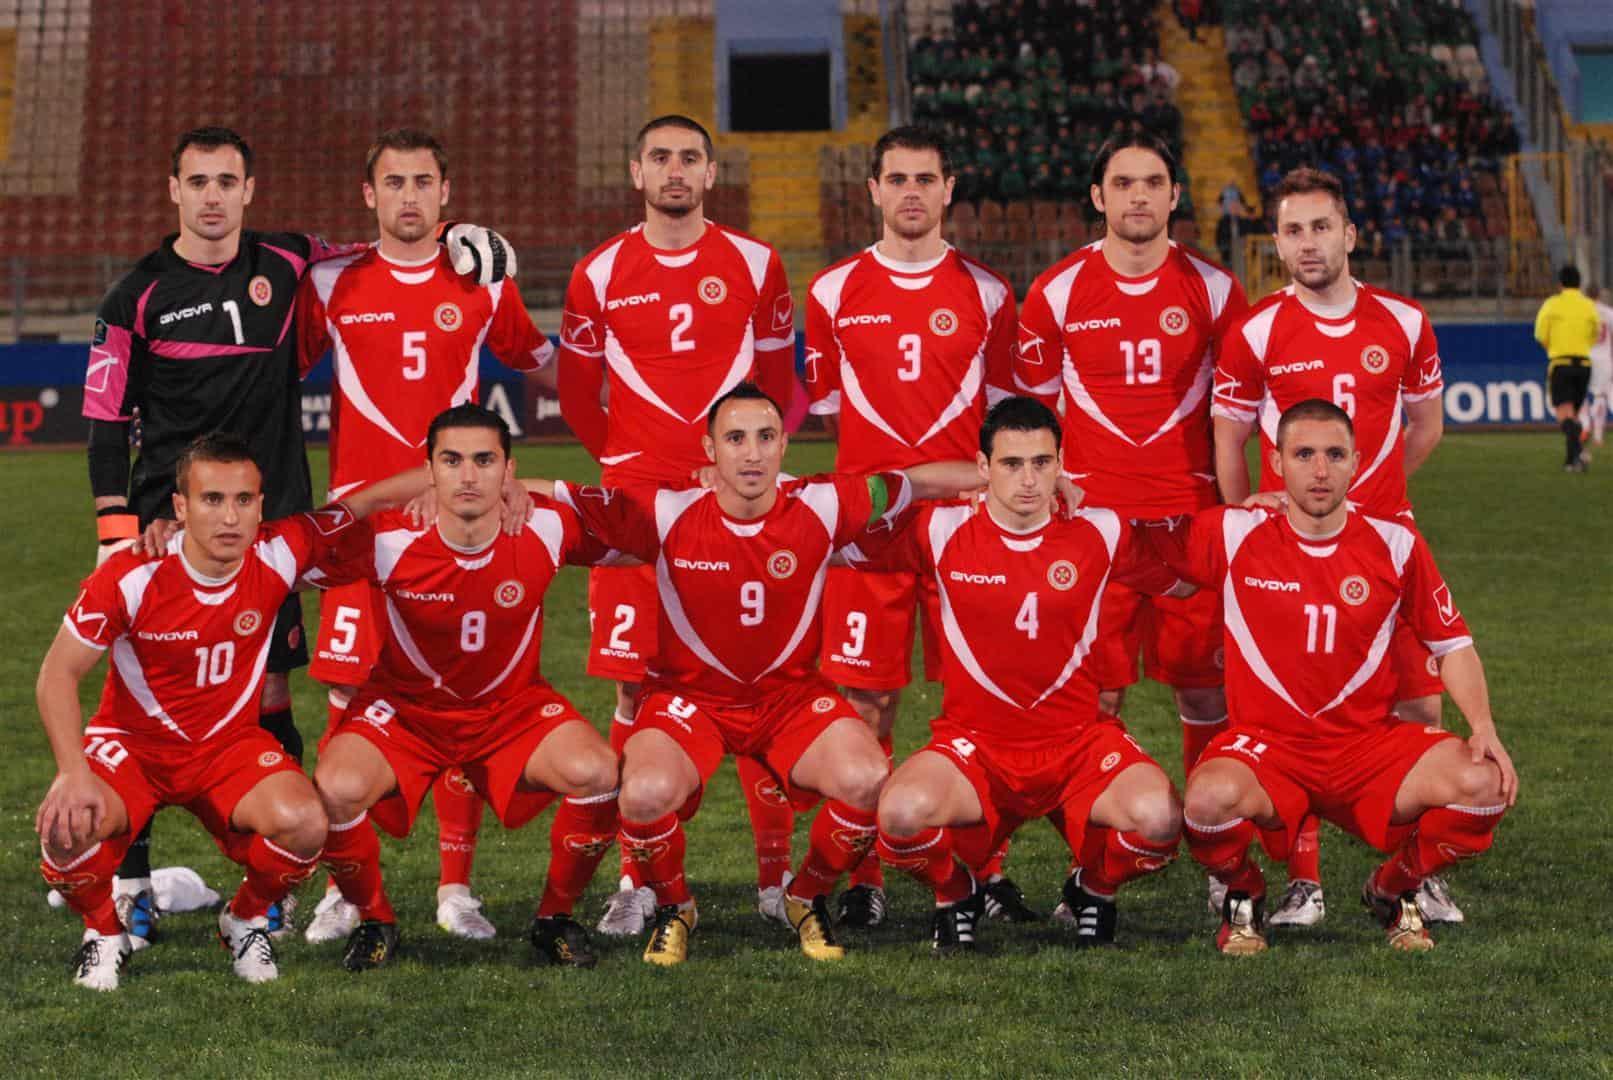 malta fc soccer team 2019